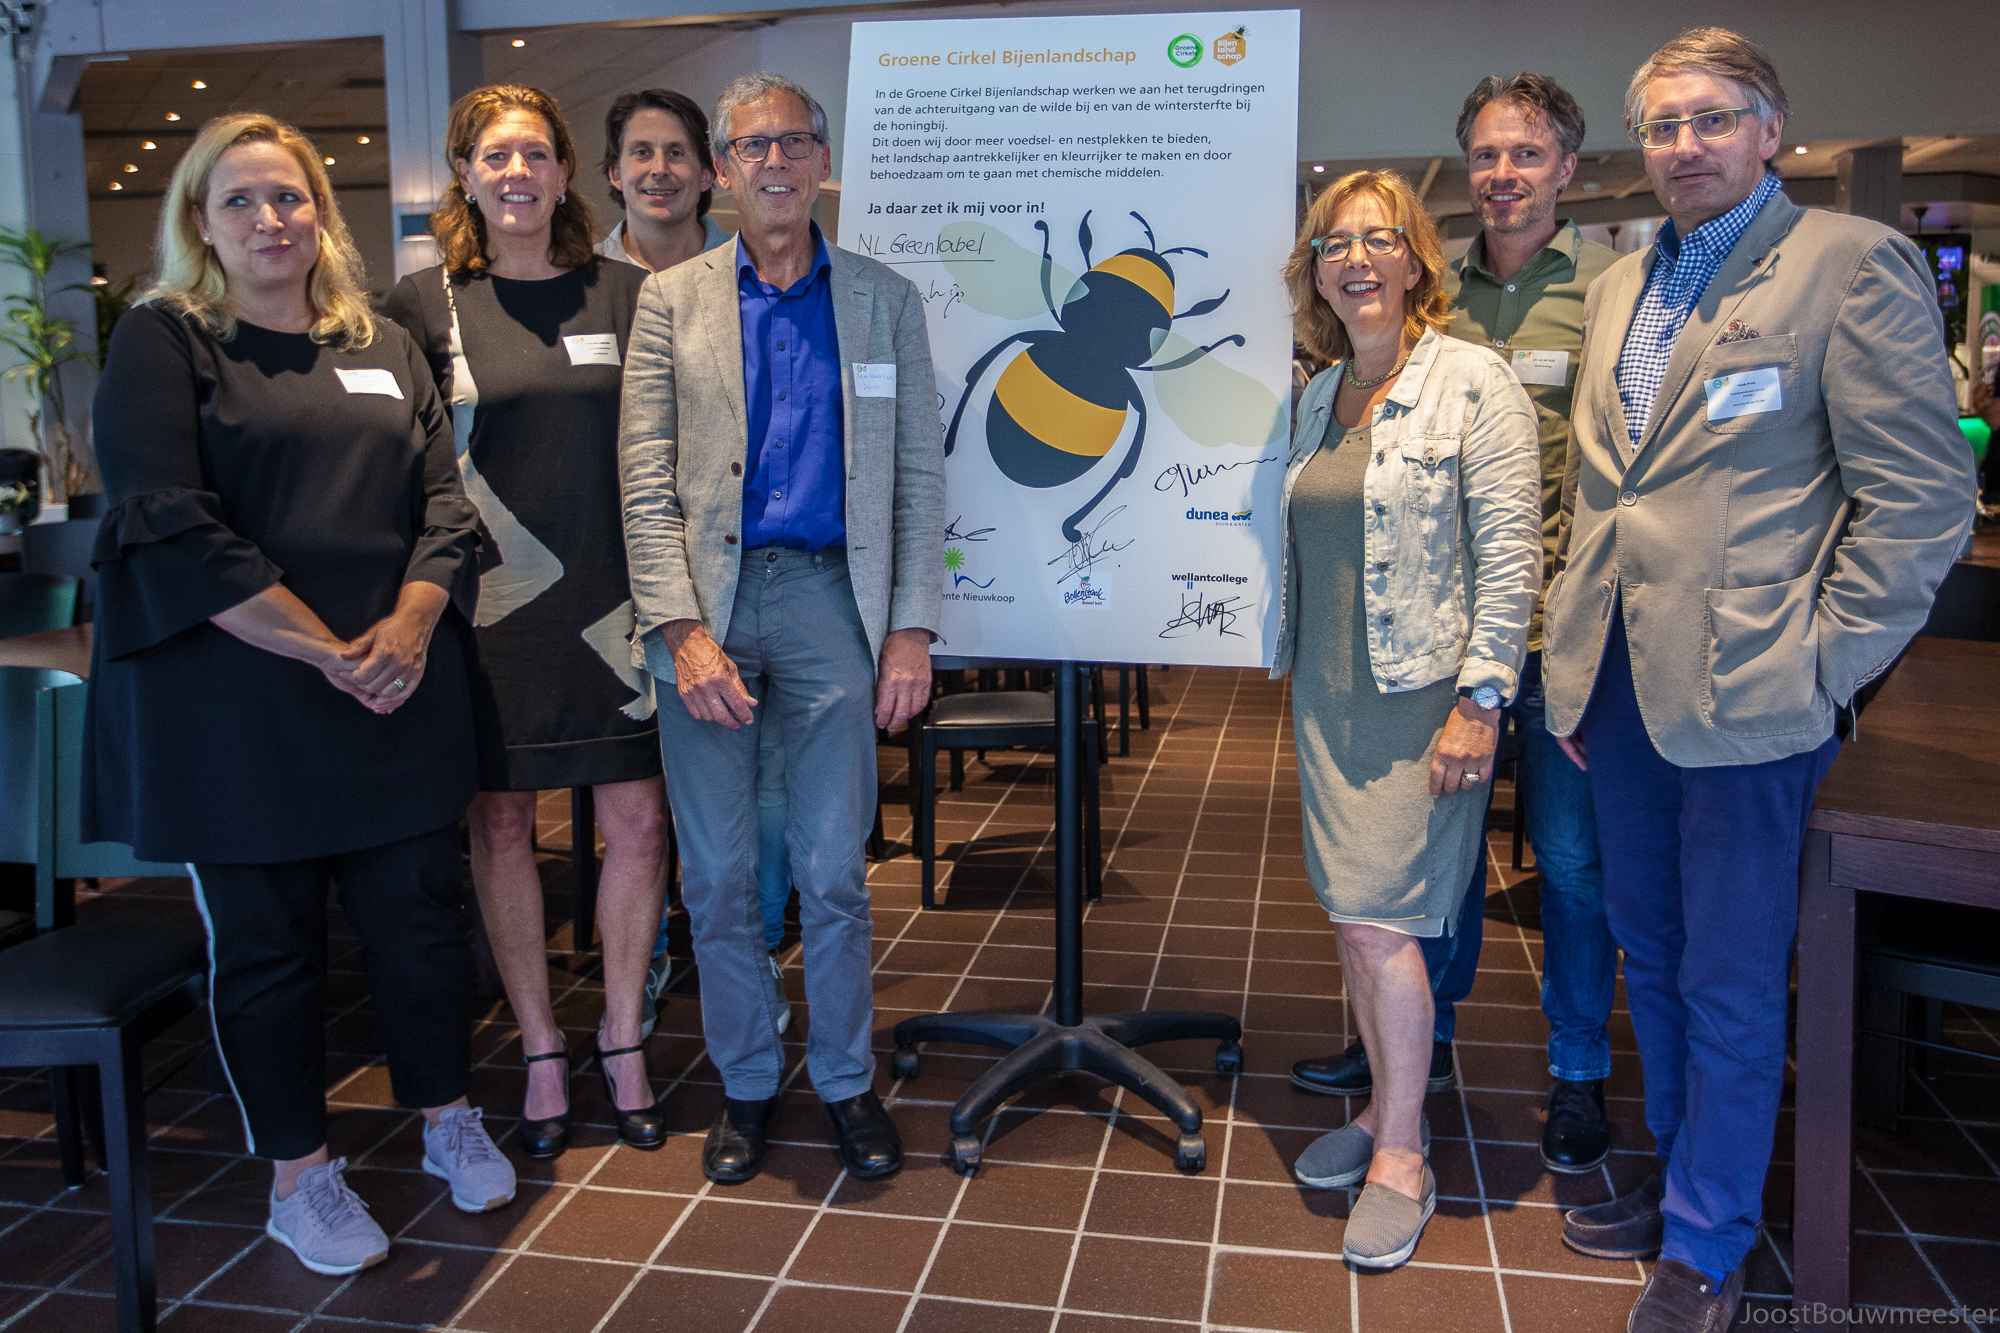 Zeven nieuwe partners voor Groene Cirkel Bijenlandschap